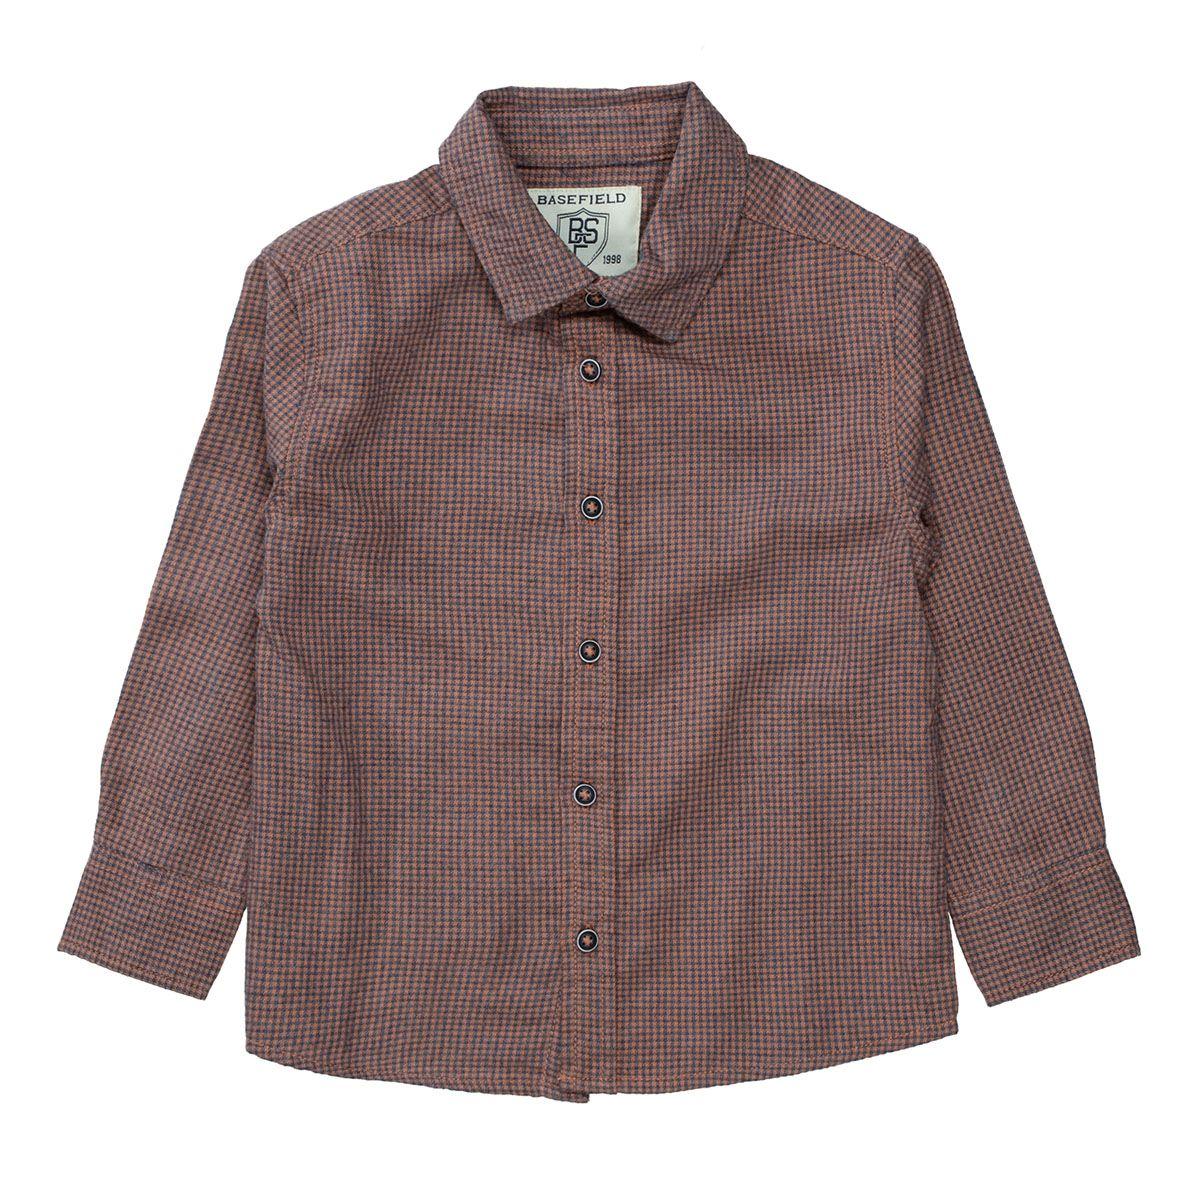 BASEFIELD Hemd im Karo-Muster - Rust